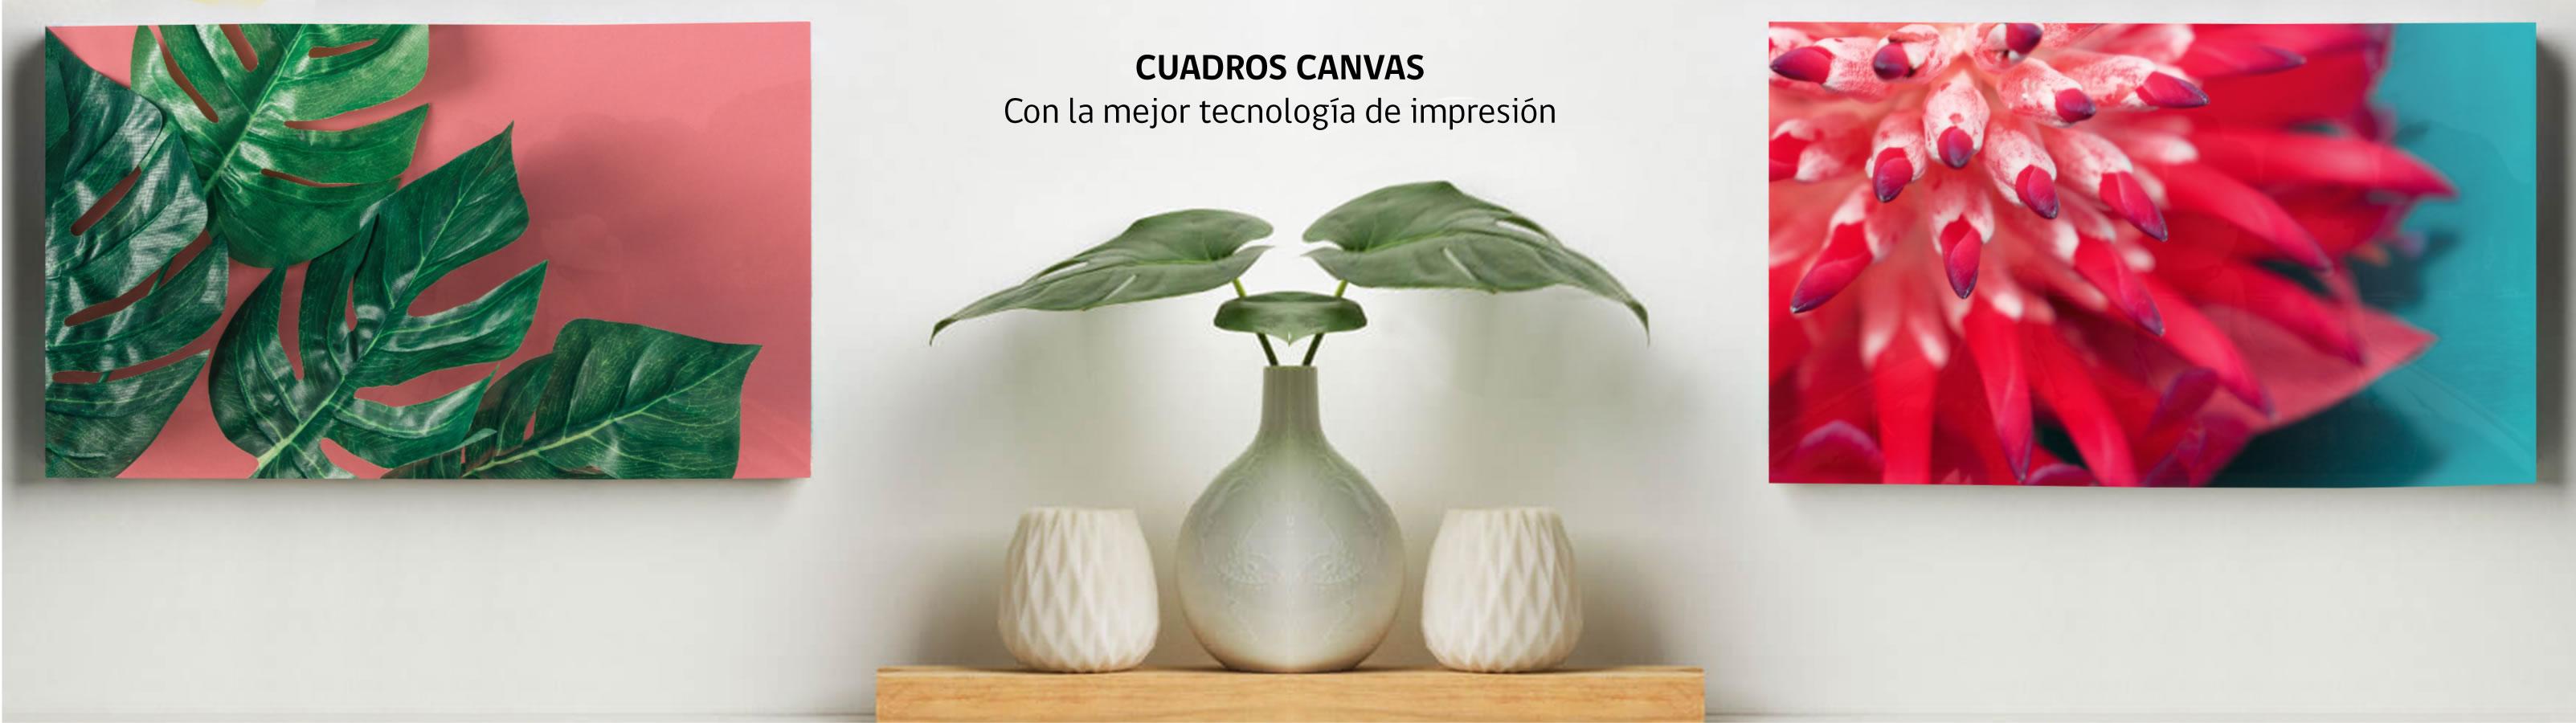 canvas impresión